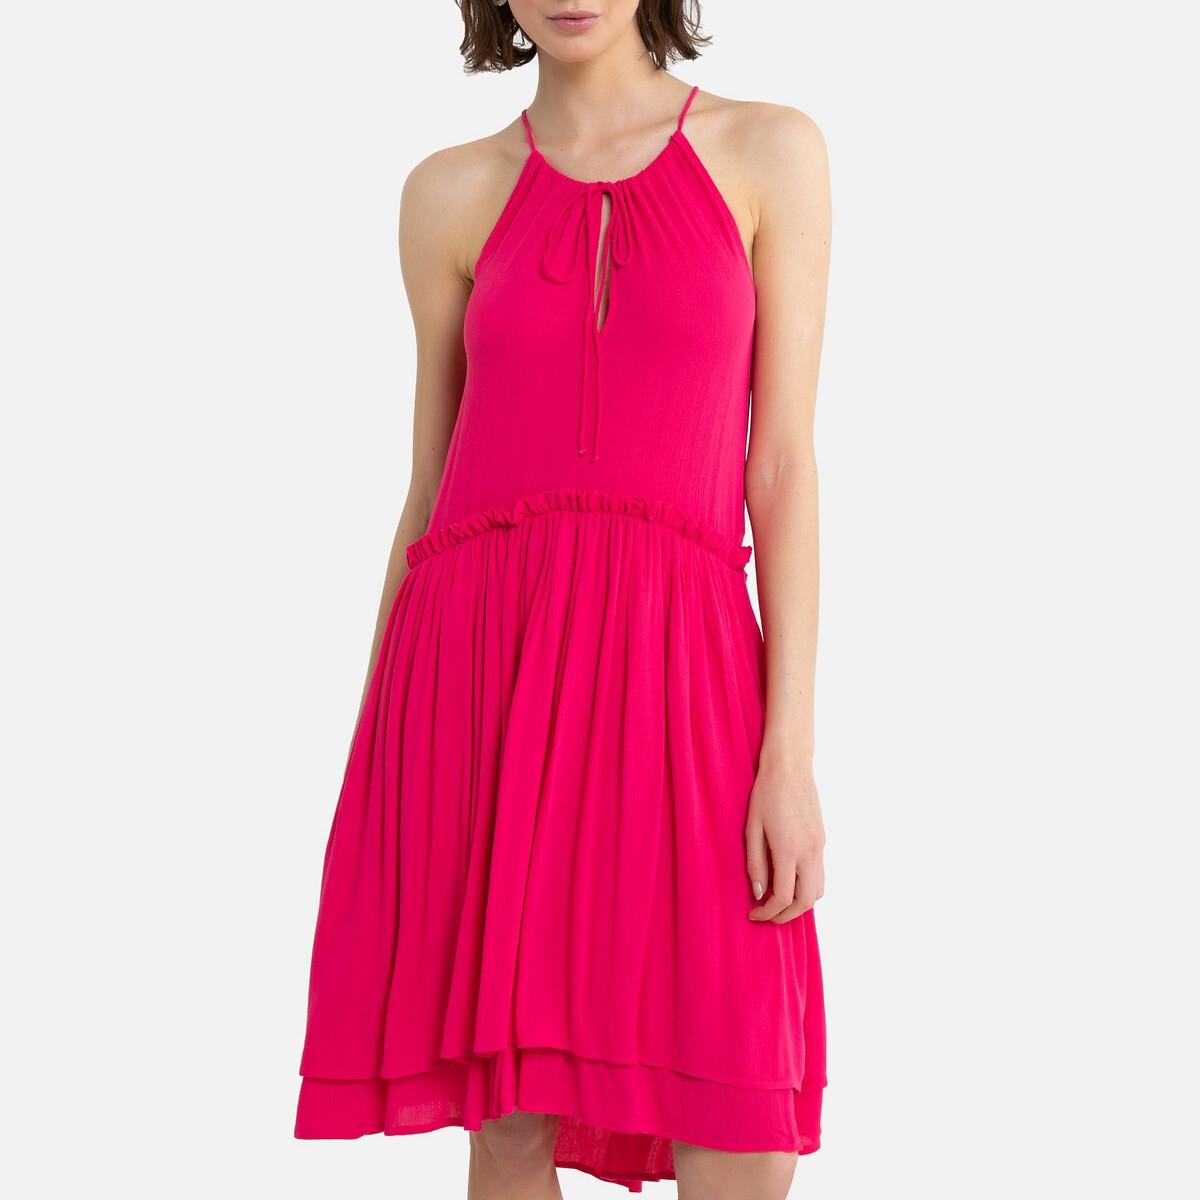 Платье LaRedoute Короткое с тонкими бретелями 36 (FR) - 42 (RUS) розовый платье la redoute короткое расклешенное в горошек с ажурными бретелями 42 fr 48 rus синий